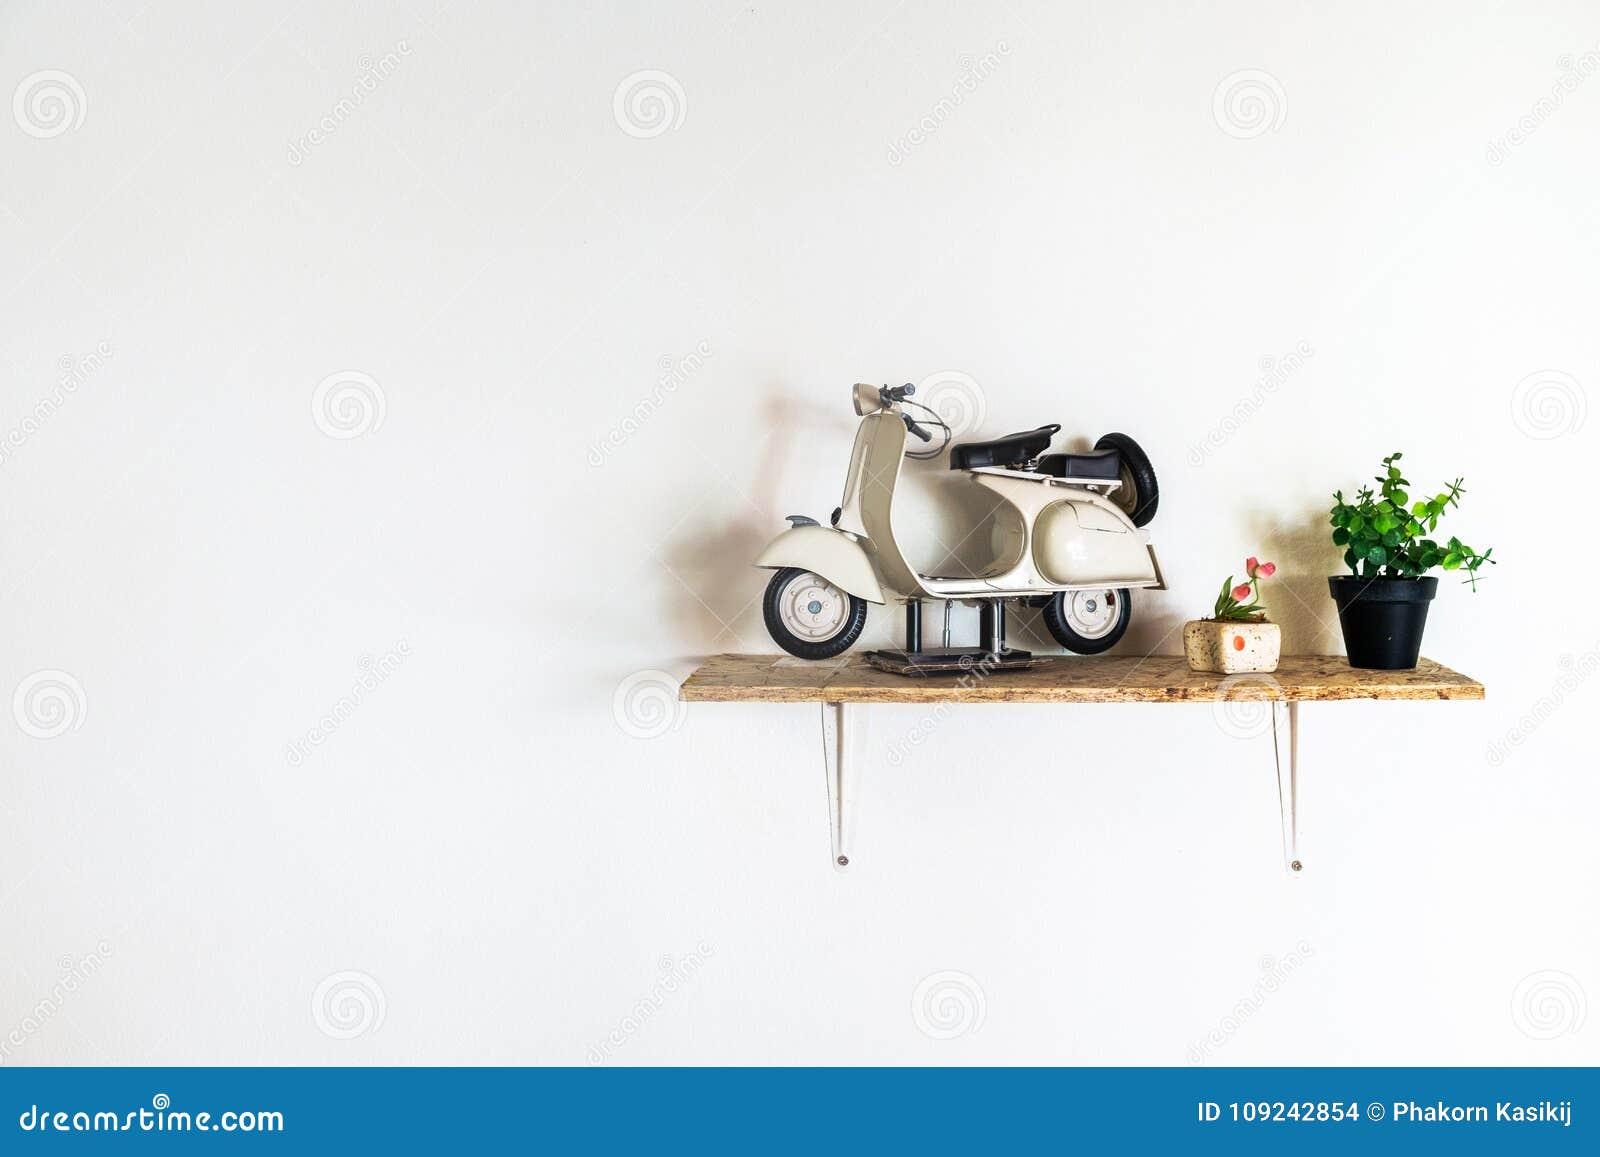 Mini Popular Scooter Model per la decorazione della Camera